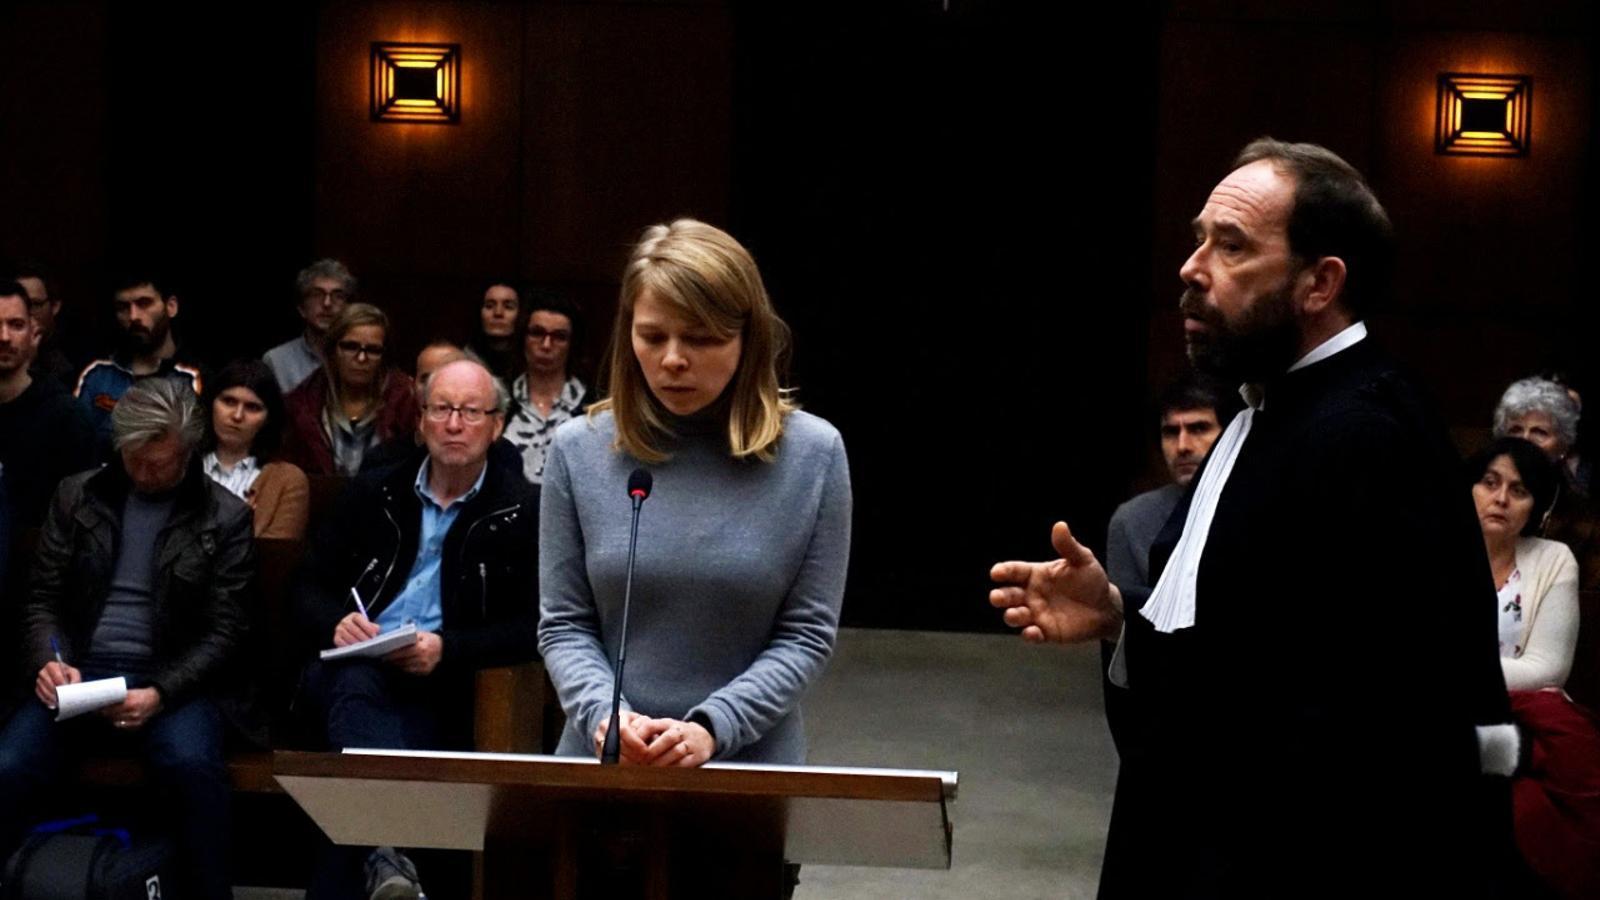 'Una íntima convicción', una revisió de l'afer Viguier en un 'thriller' judicial a la francesa